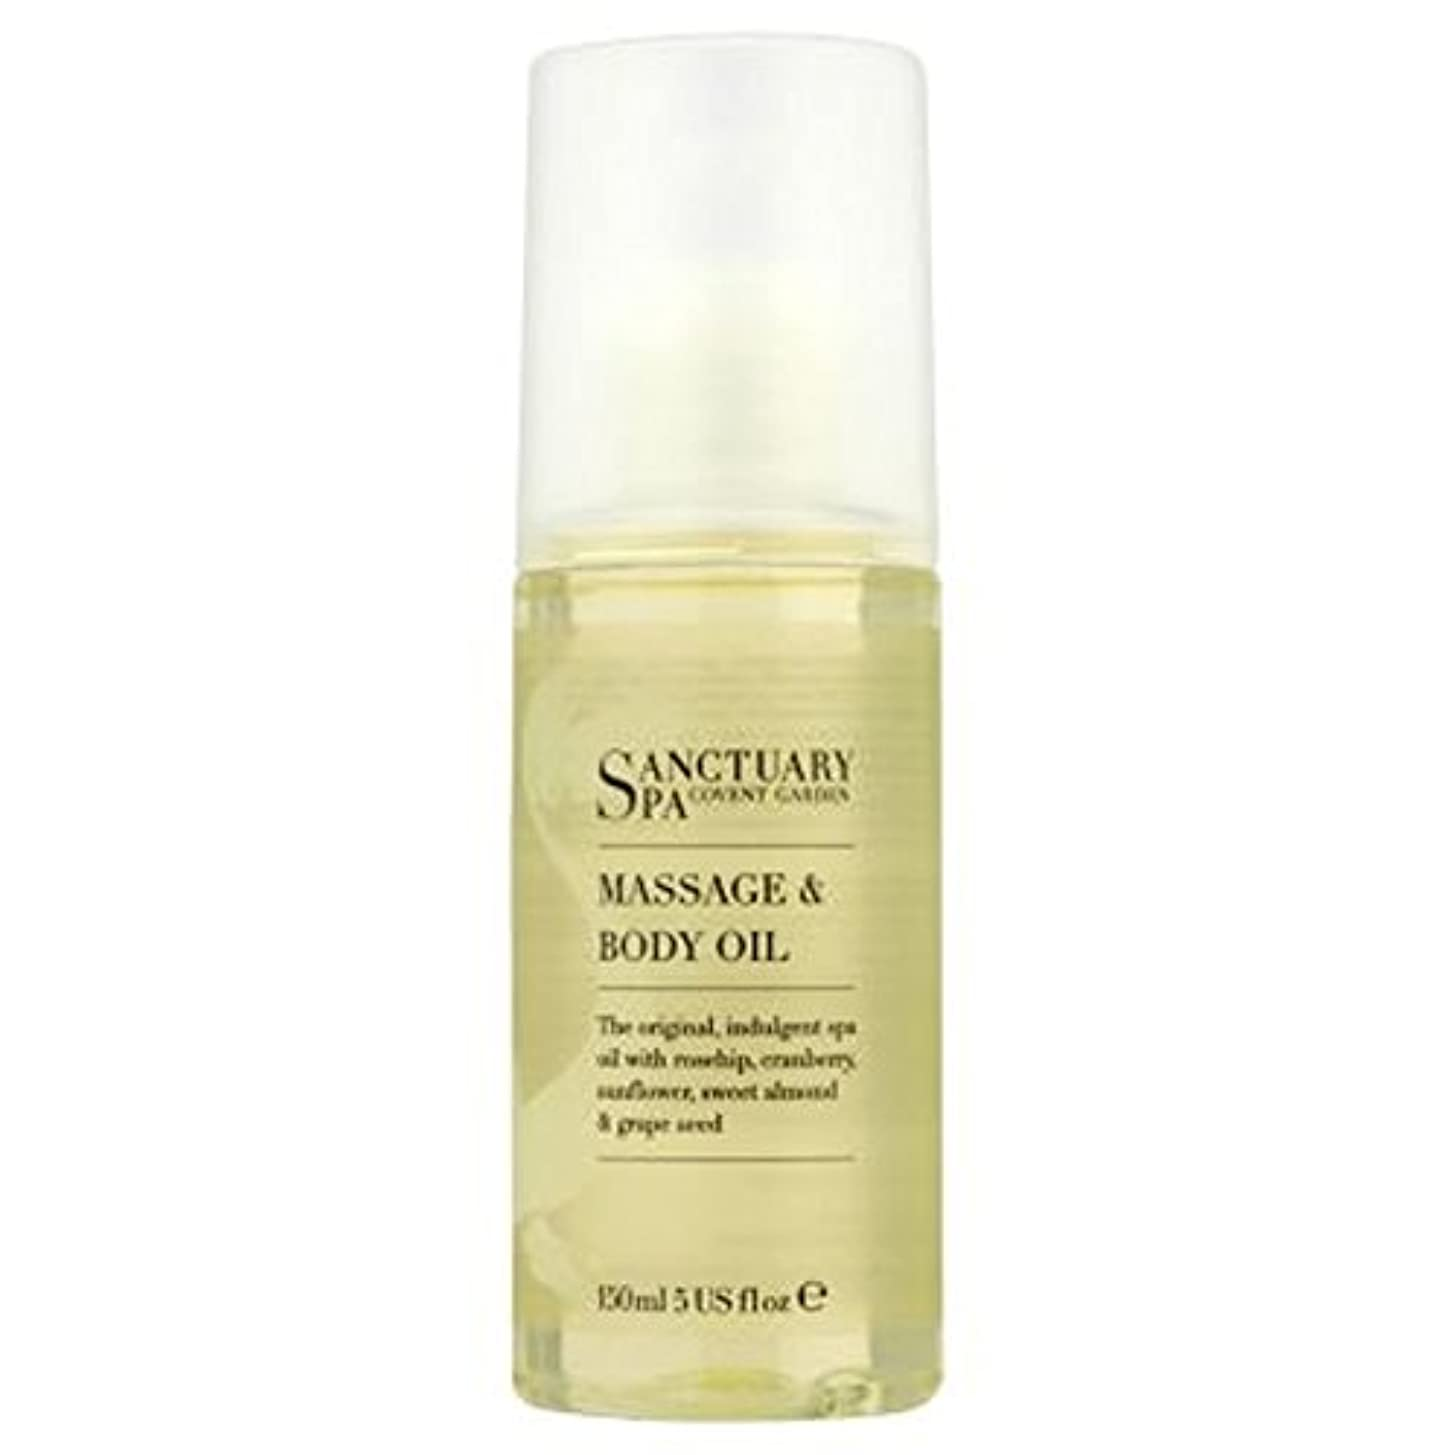 道なんでも履歴書Sanctuary Daily Spa Escape Massage and Body Oil - 150ml - 聖域毎日のスパエスケープマッサージやボディオイル - 150ミリリットル (Sanctuary) [並行輸入品]